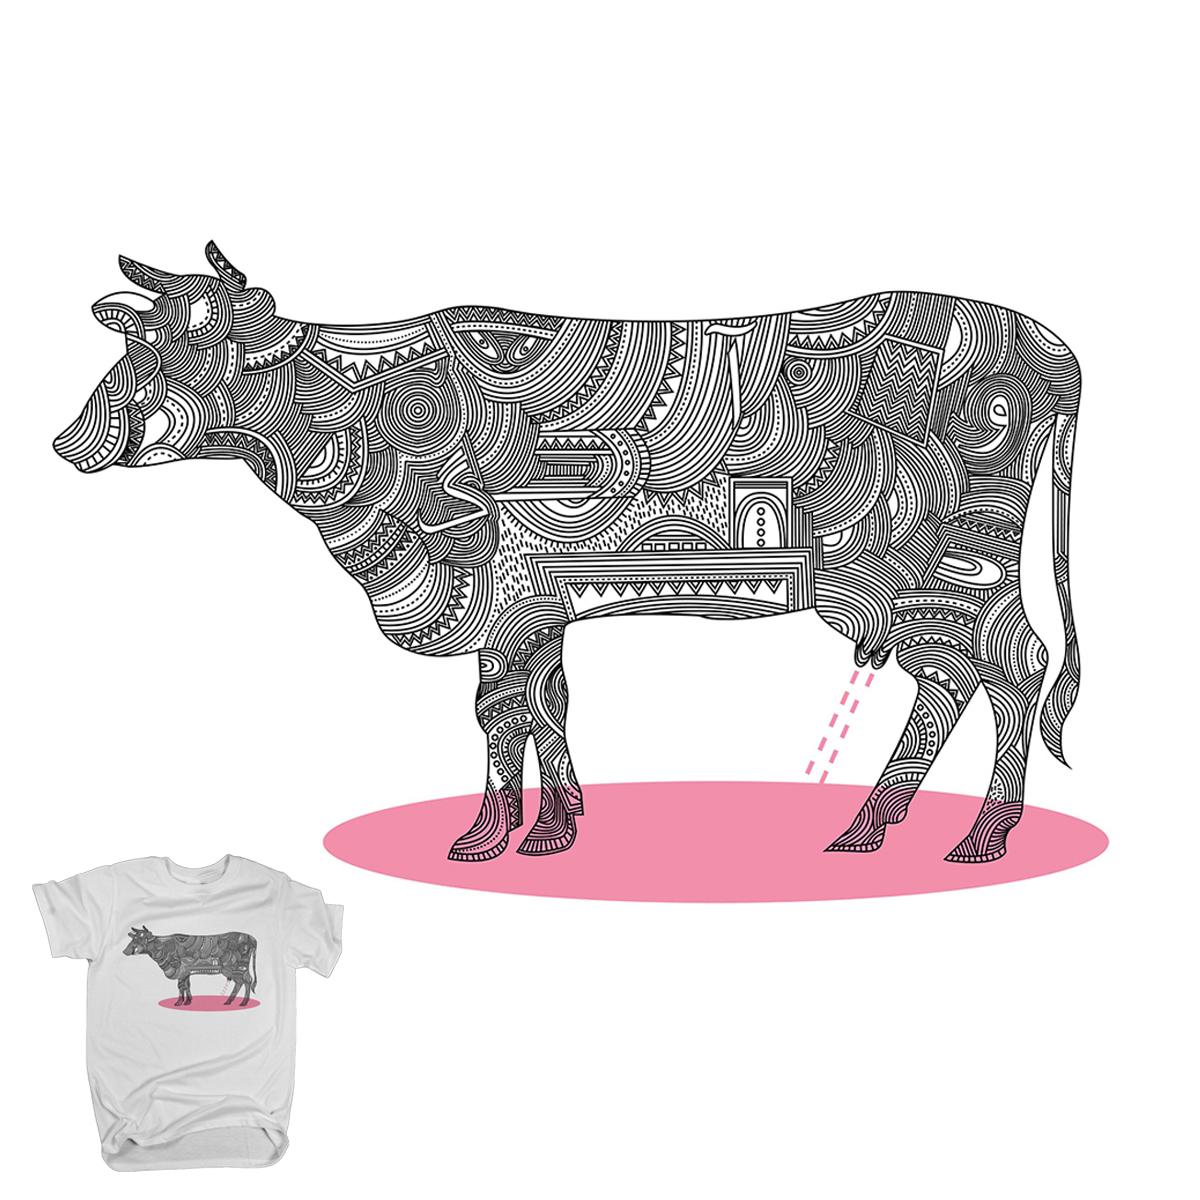 Pink Milk by El.Zahedi on Threadless